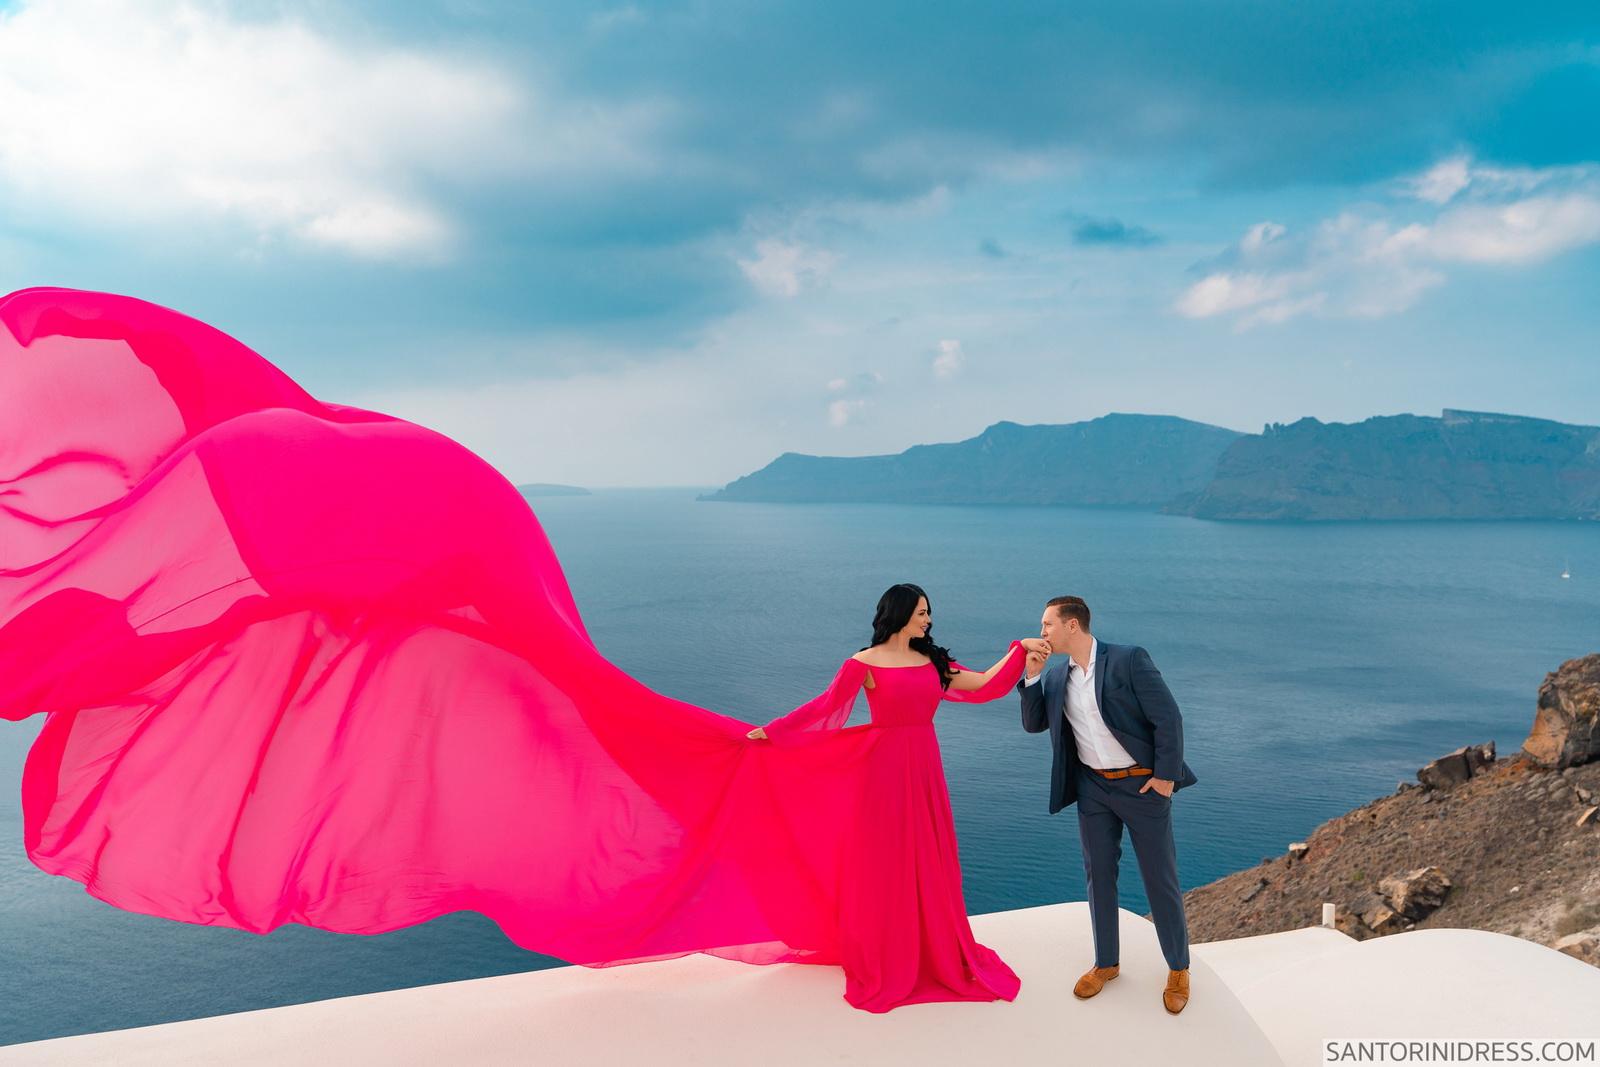 Meredith: свадьба на санторини, свадебное агентство Julia Veselova - Фото 7